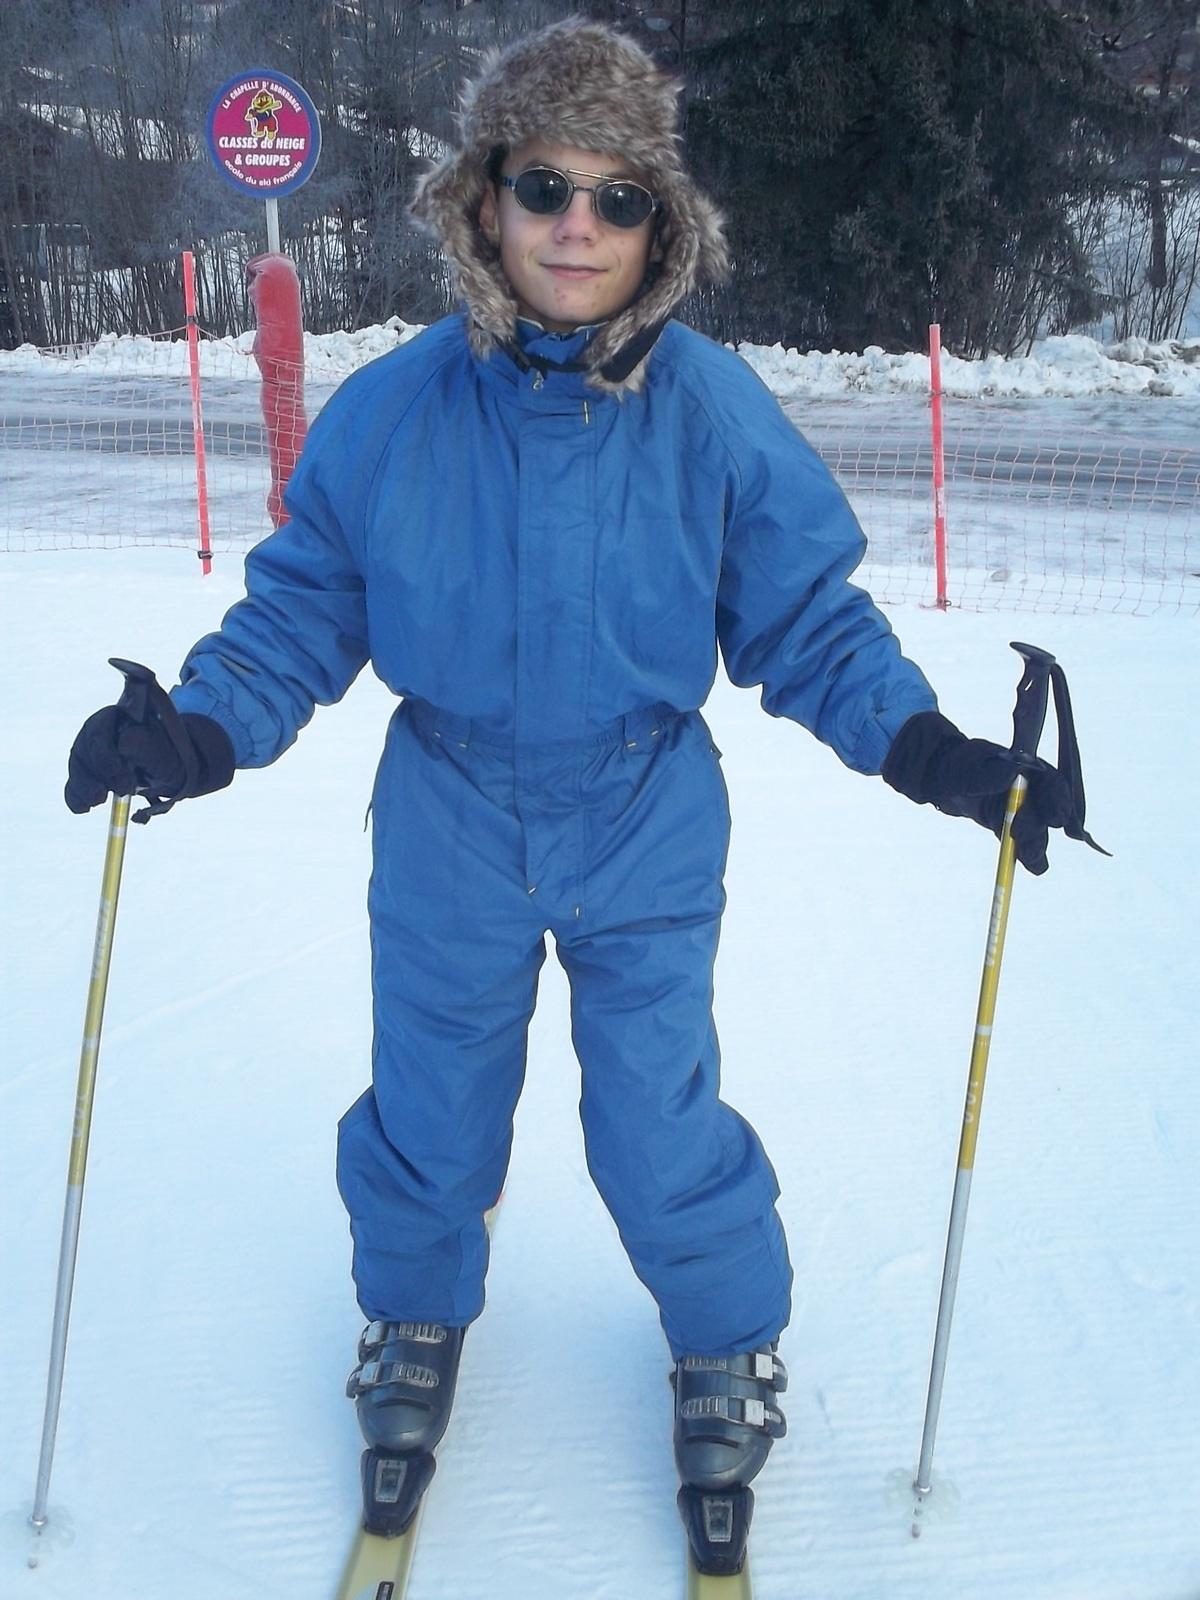 Des habits de ski convenables chez Crazy Prices